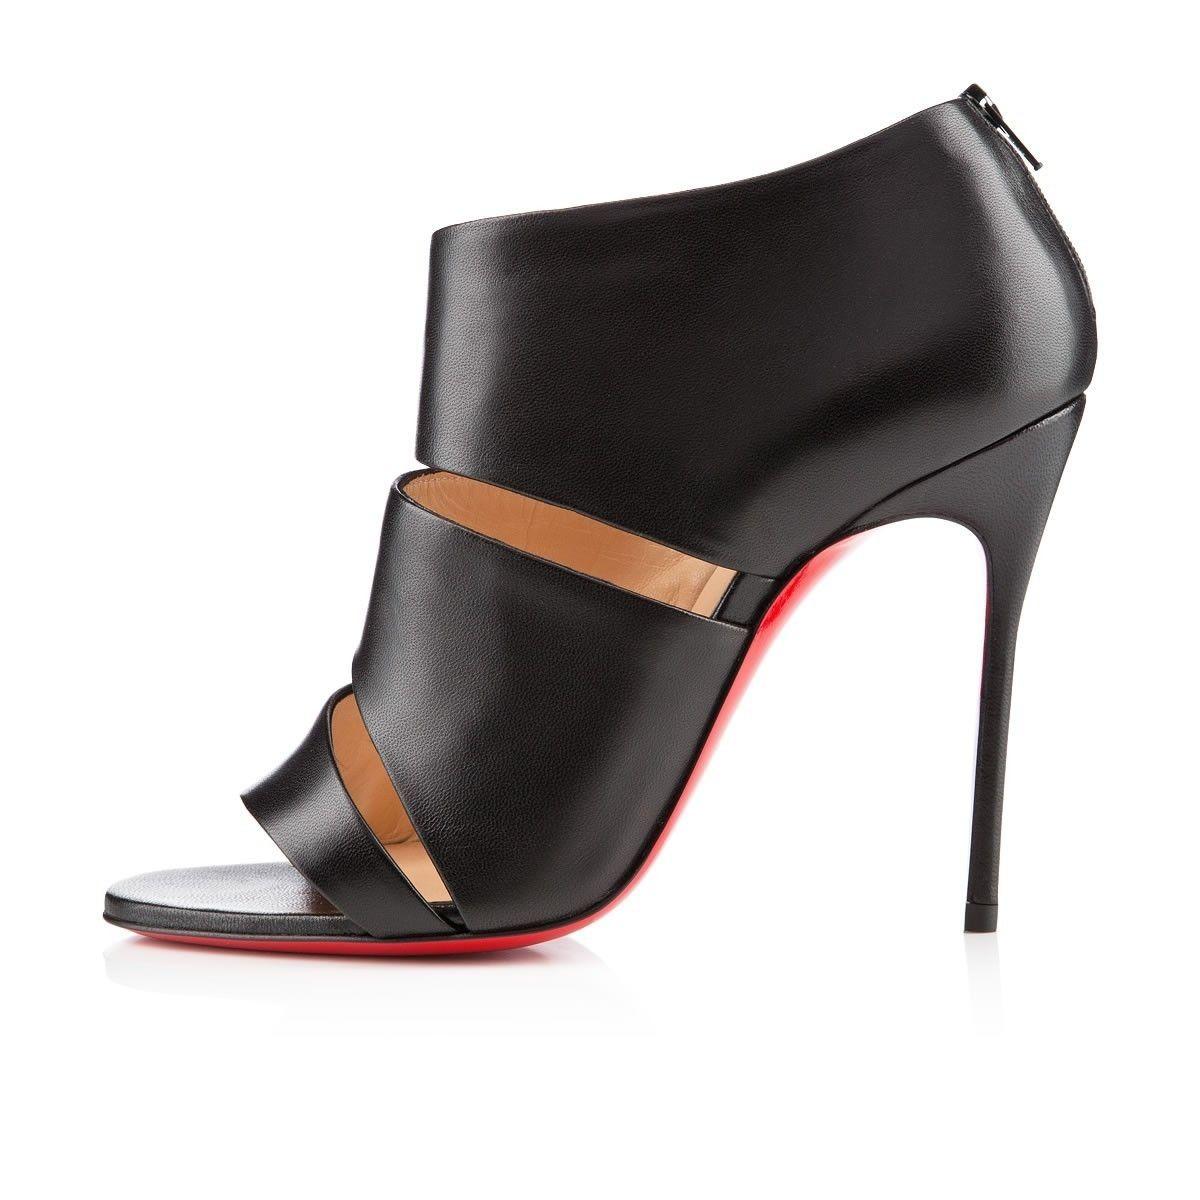 Chaussure Louboutin Pas Cher Botte Cachottiere 100mm Noir1 #chaussure